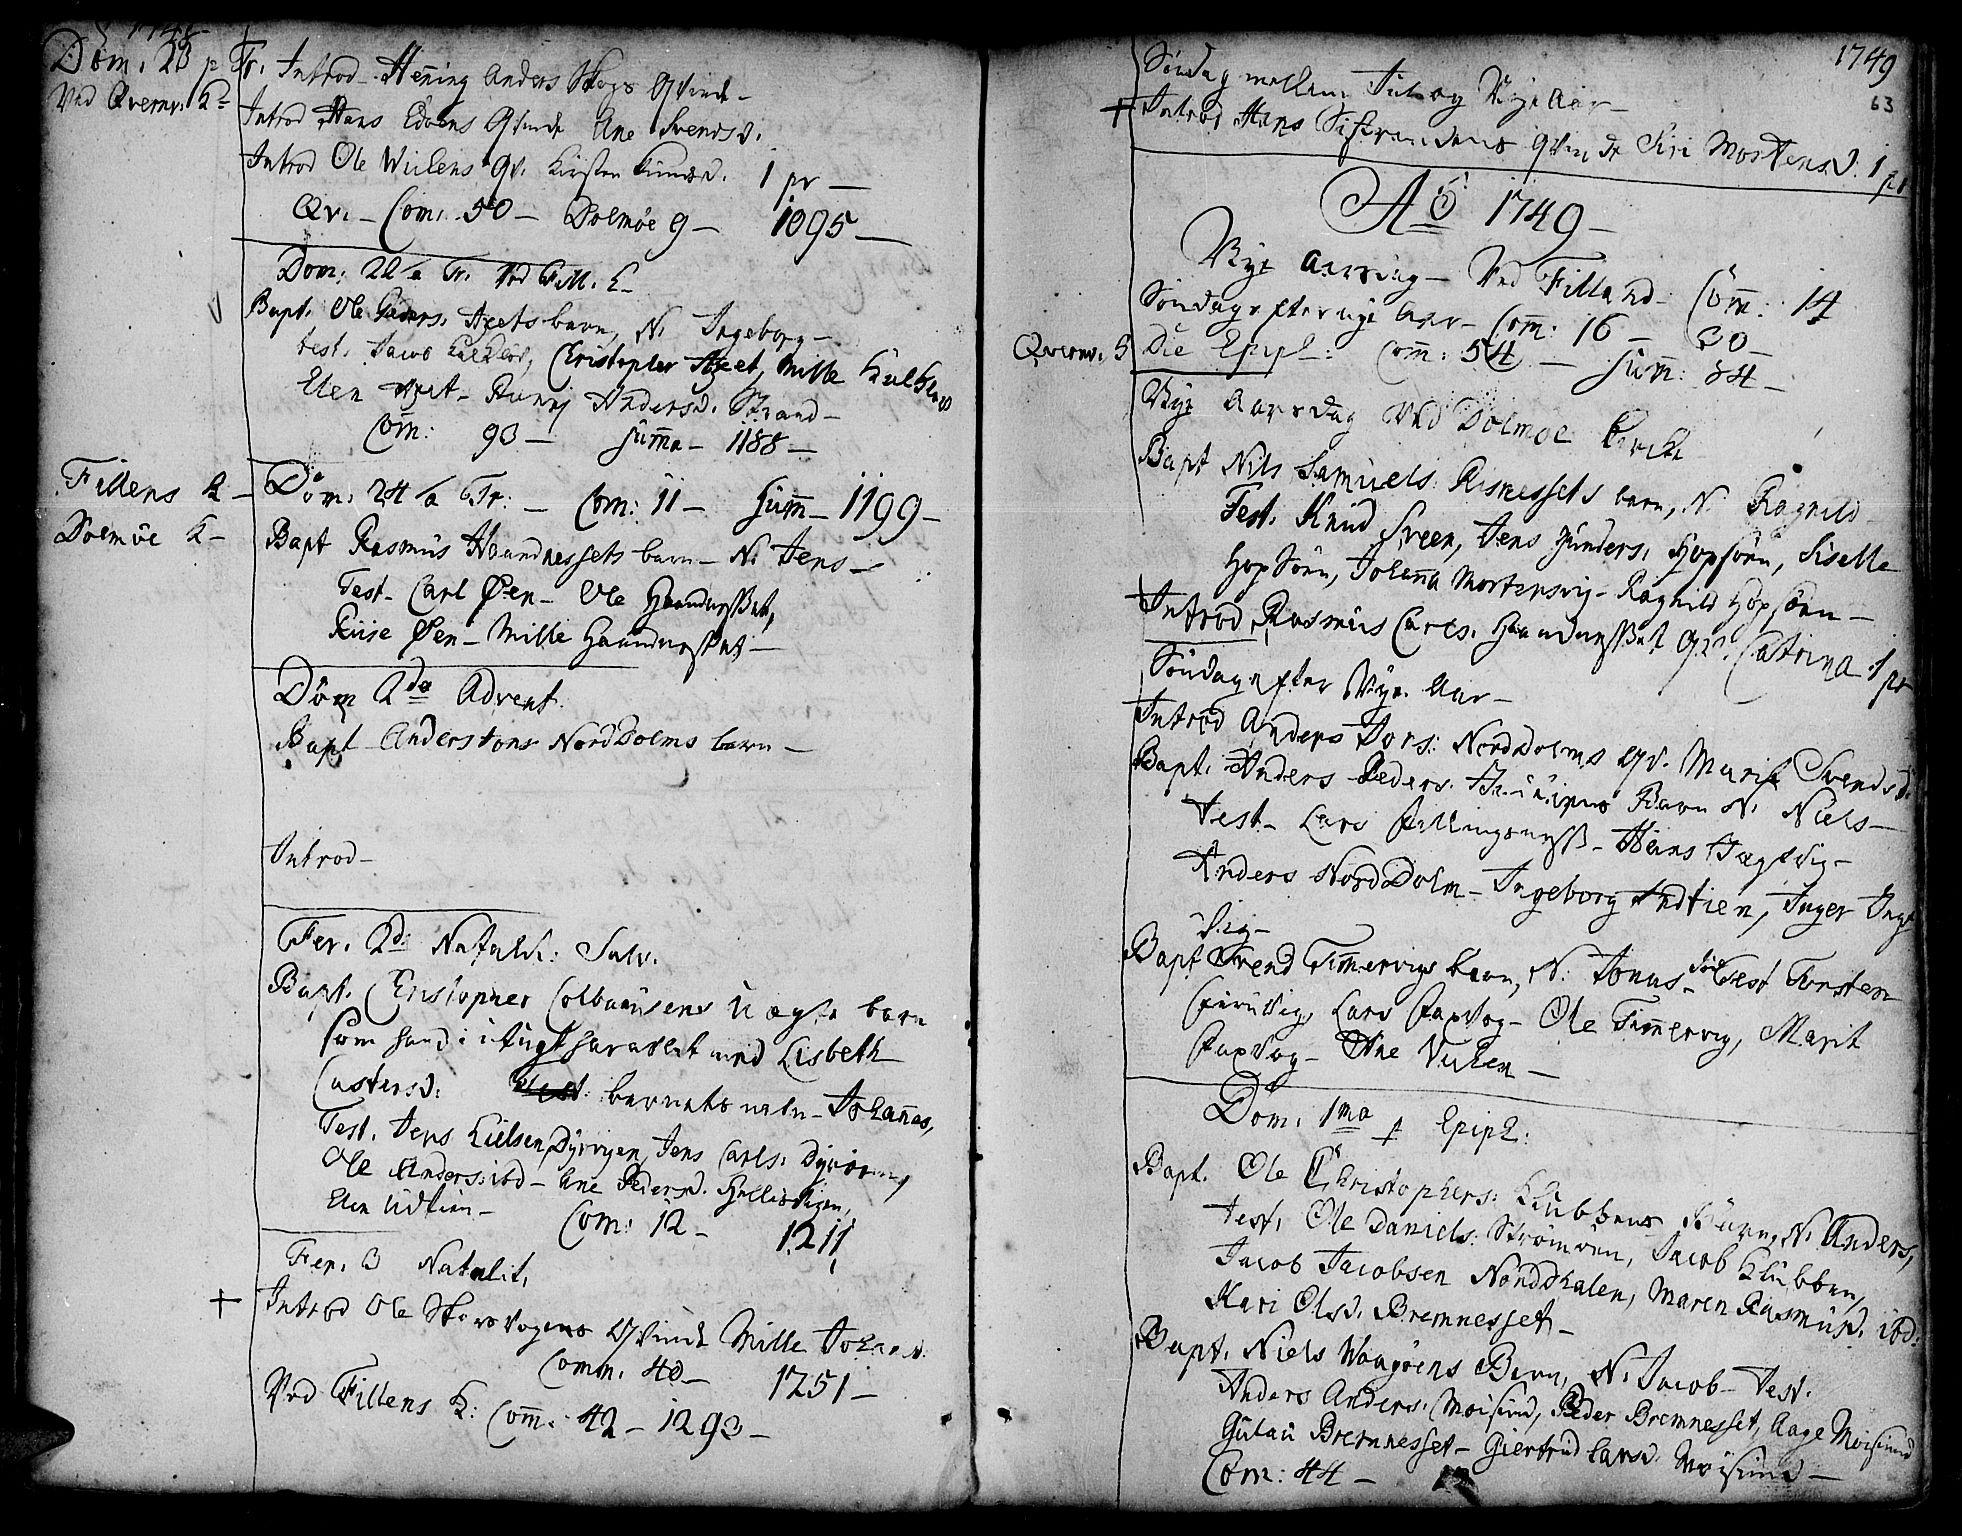 SAT, Ministerialprotokoller, klokkerbøker og fødselsregistre - Sør-Trøndelag, 634/L0525: Ministerialbok nr. 634A01, 1736-1775, s. 63